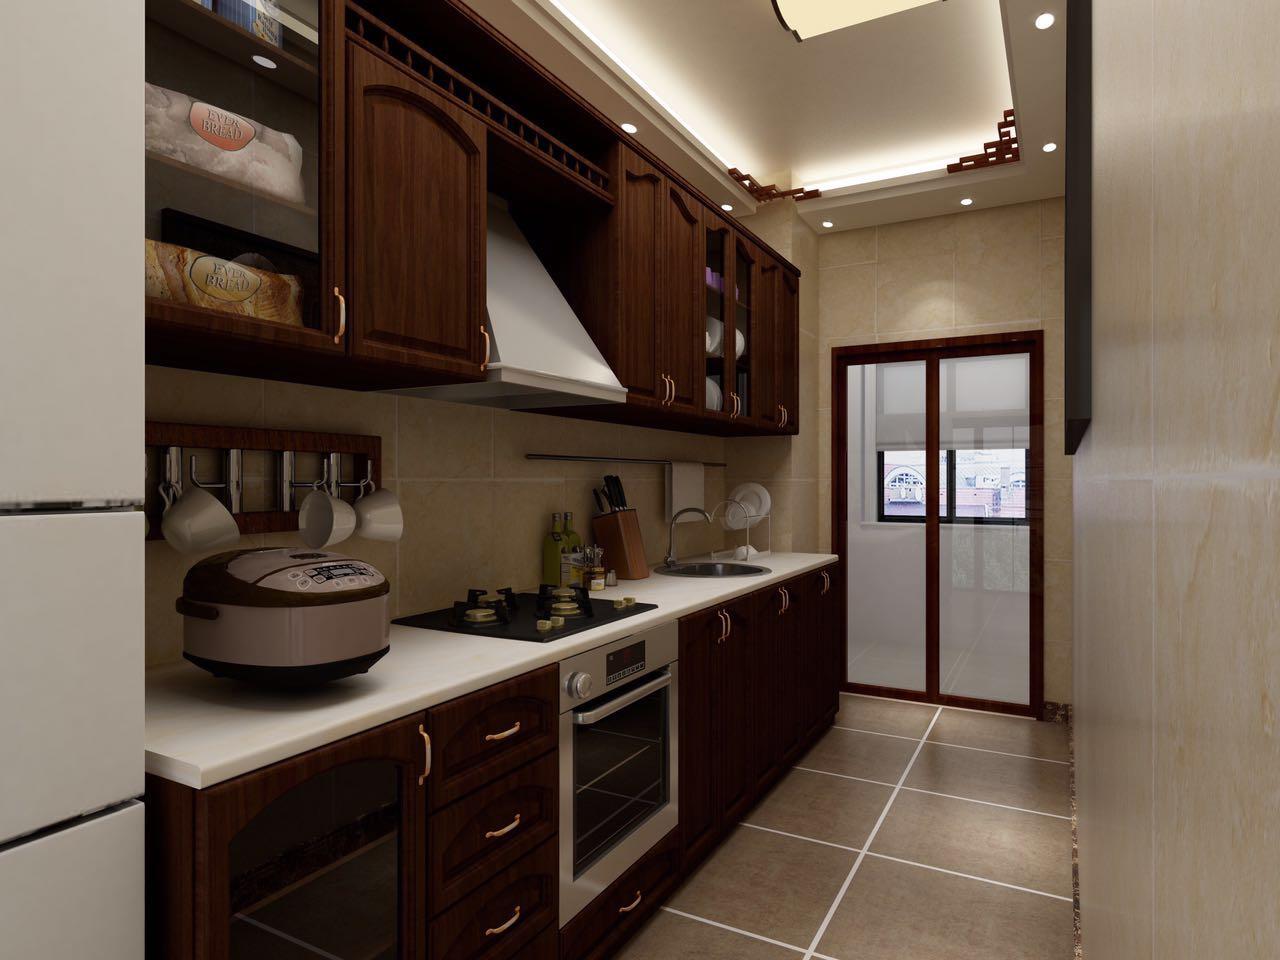 二居 小资 80后 旧房改造 收纳 厨房图片来自北京今朝装饰-慧琳在格调小区 75㎡ 中式风格的分享